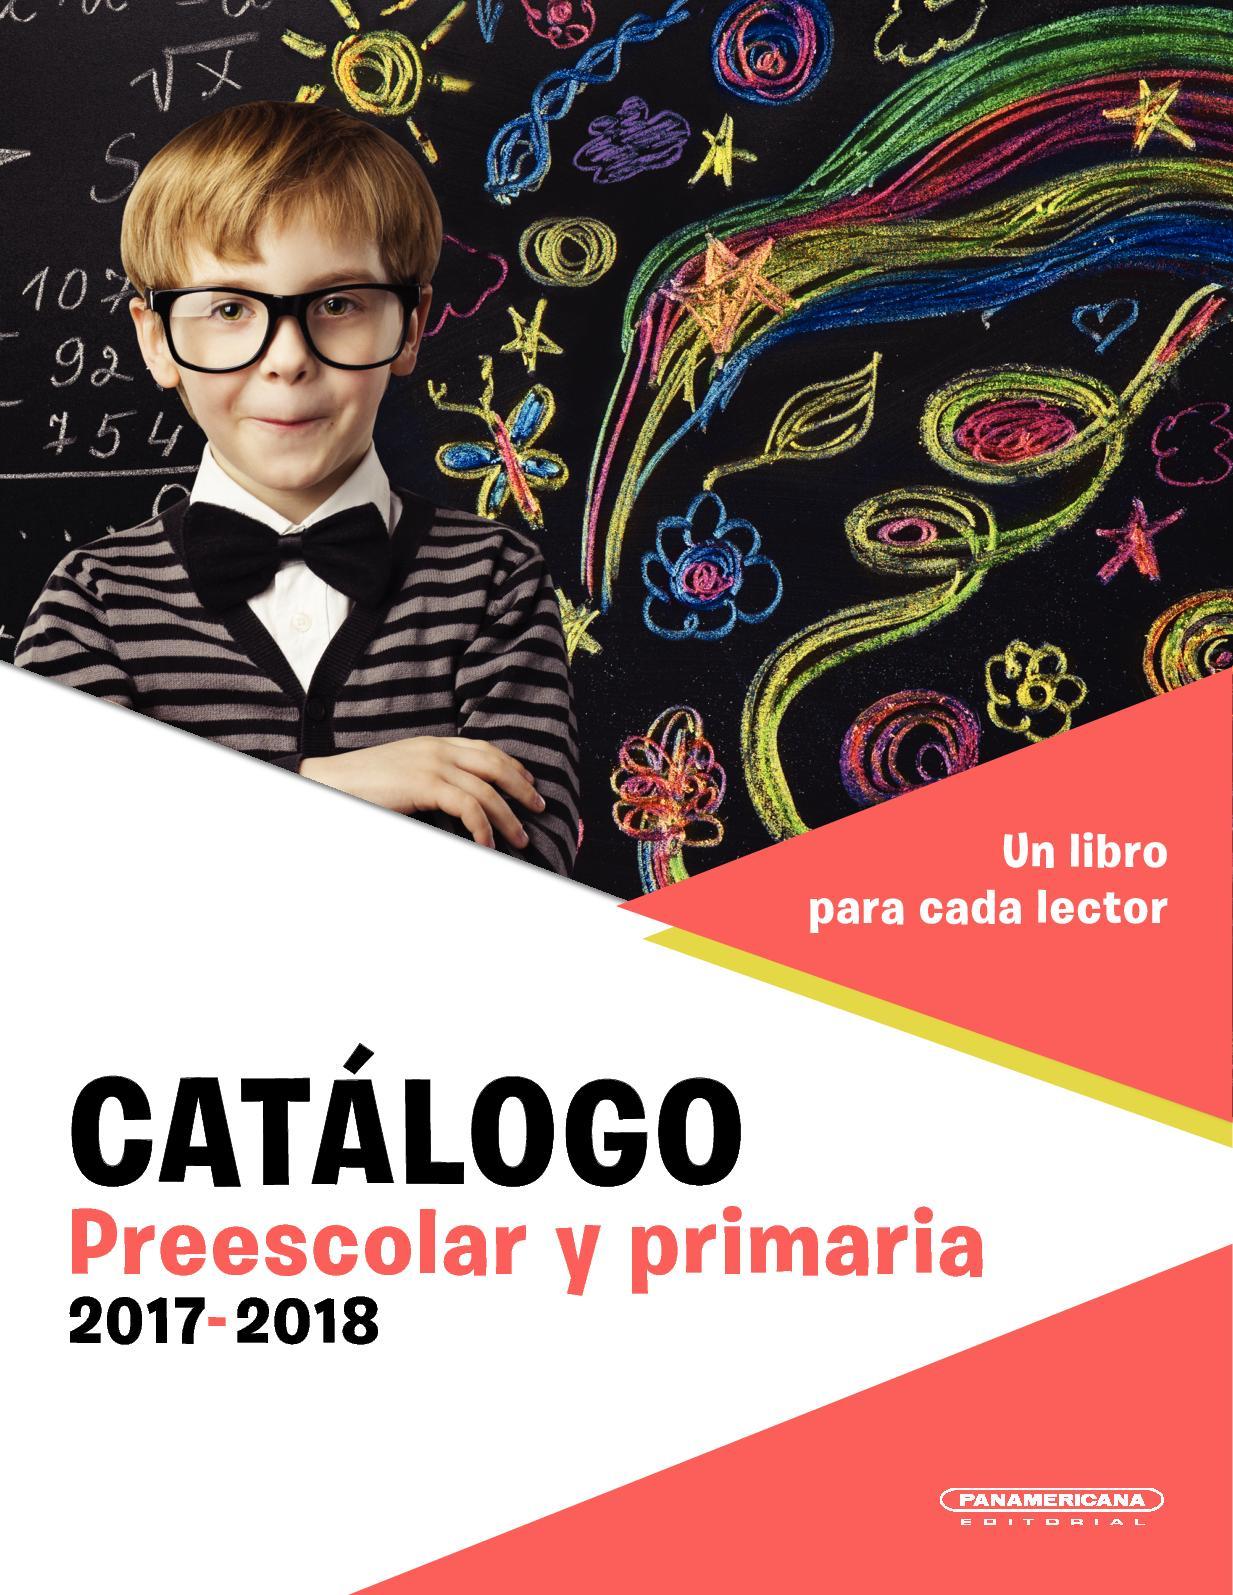 Calaméo - Catalogo Panamericana Plan Lector Primaria 2017 2018 61c1efd28e6a